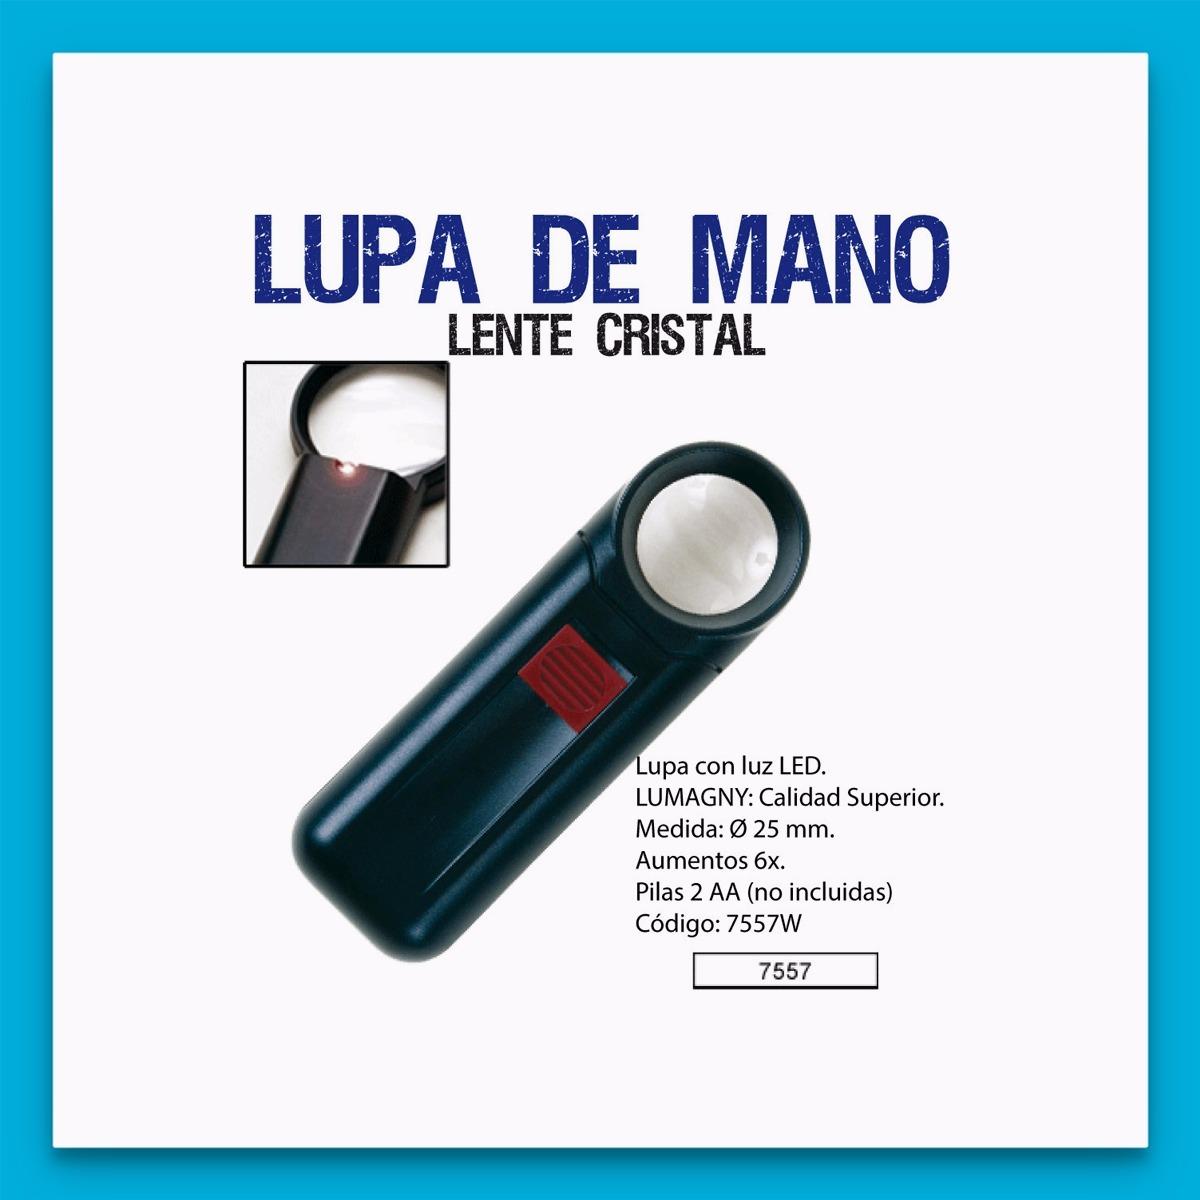 6645b7a2c3 Lupa Galileo L/orgánica Luz Ø25mm 6x Lelab 7557w 81669 Lelab - $ 409,99 en  Mercado Libre